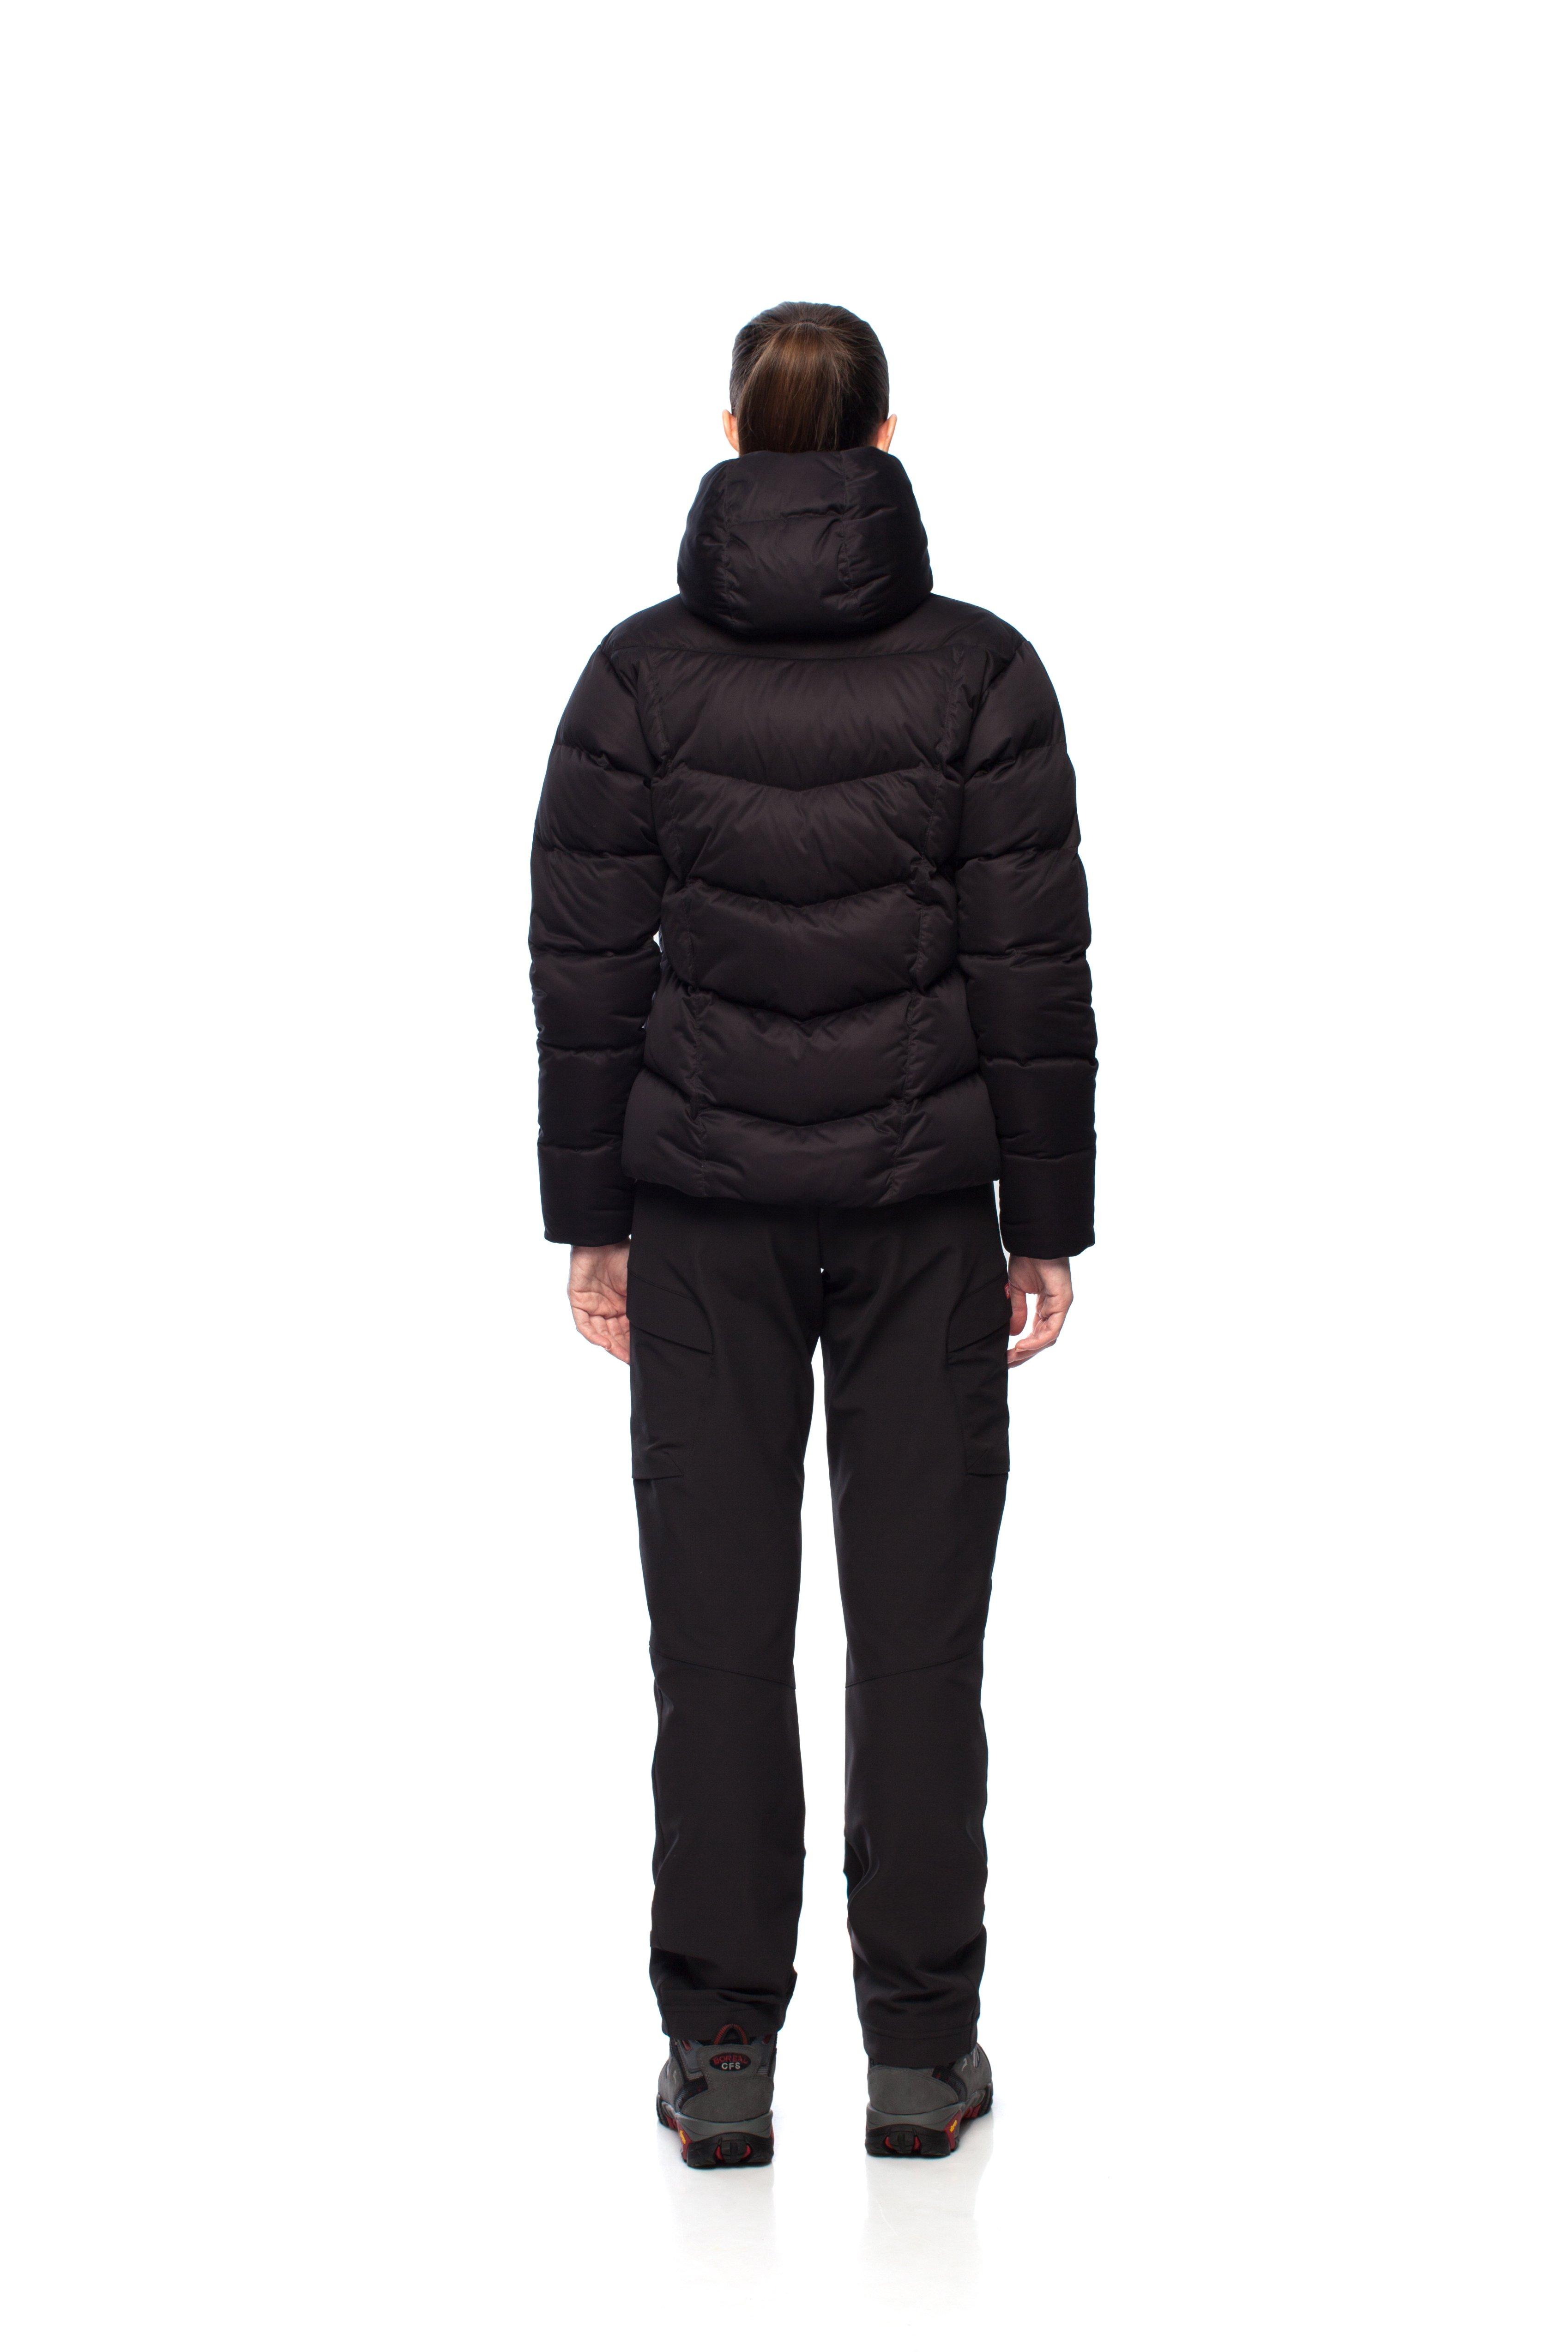 Пуховая куртка BASK ICICLE LUX фото